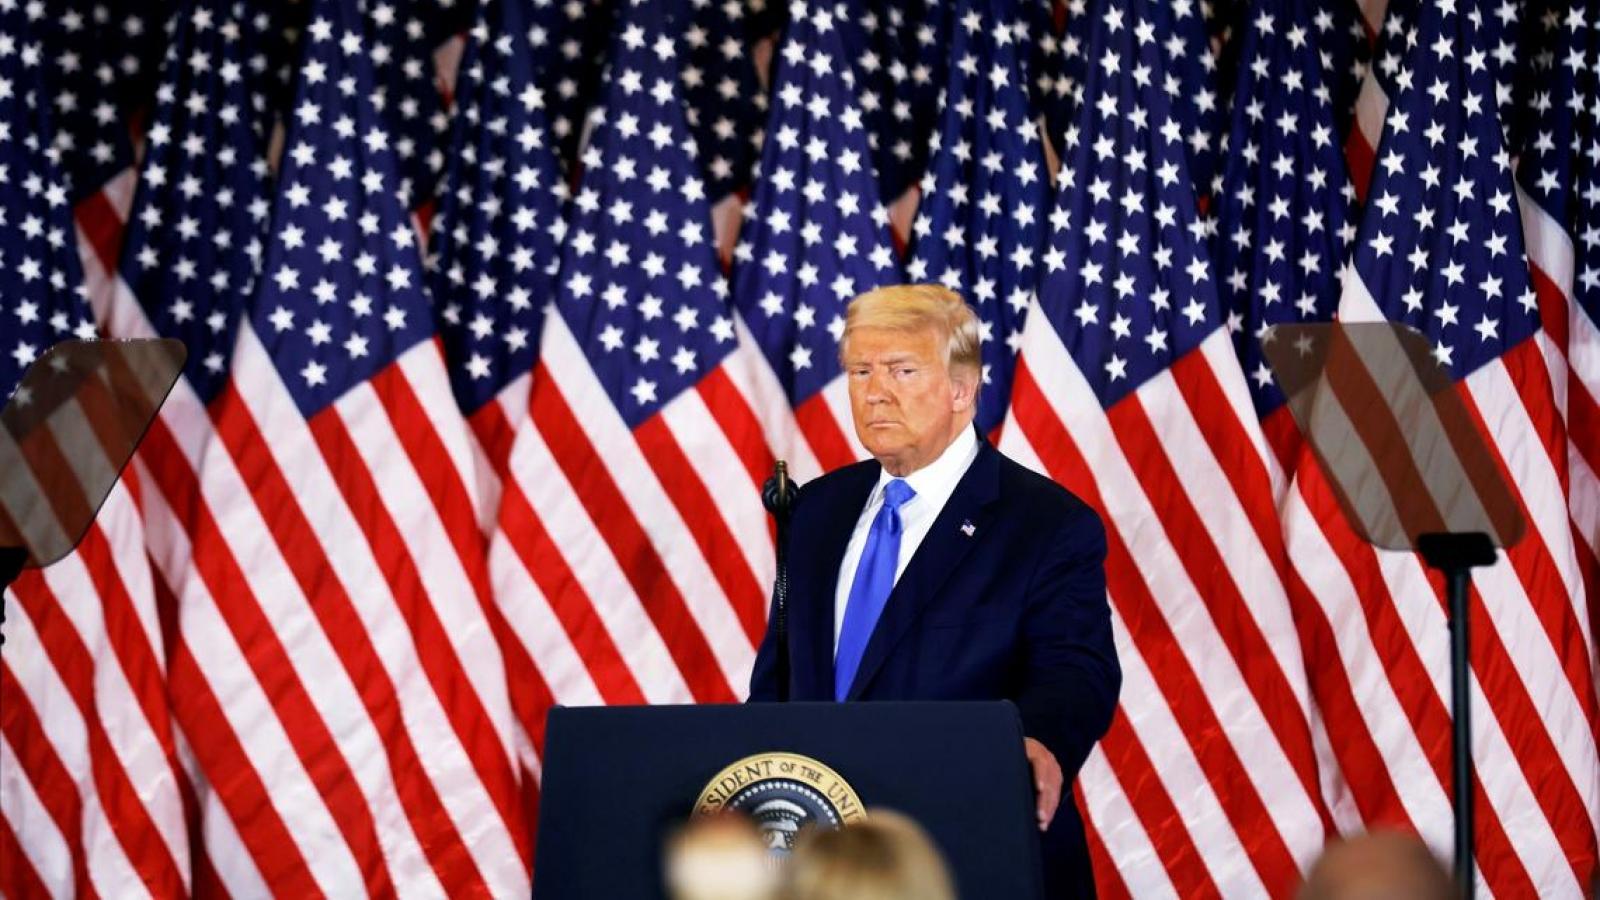 Trump sẽ phát biểu tại cuộc biểu tình ủng hộ đảo chiều bầu cử ở Washington